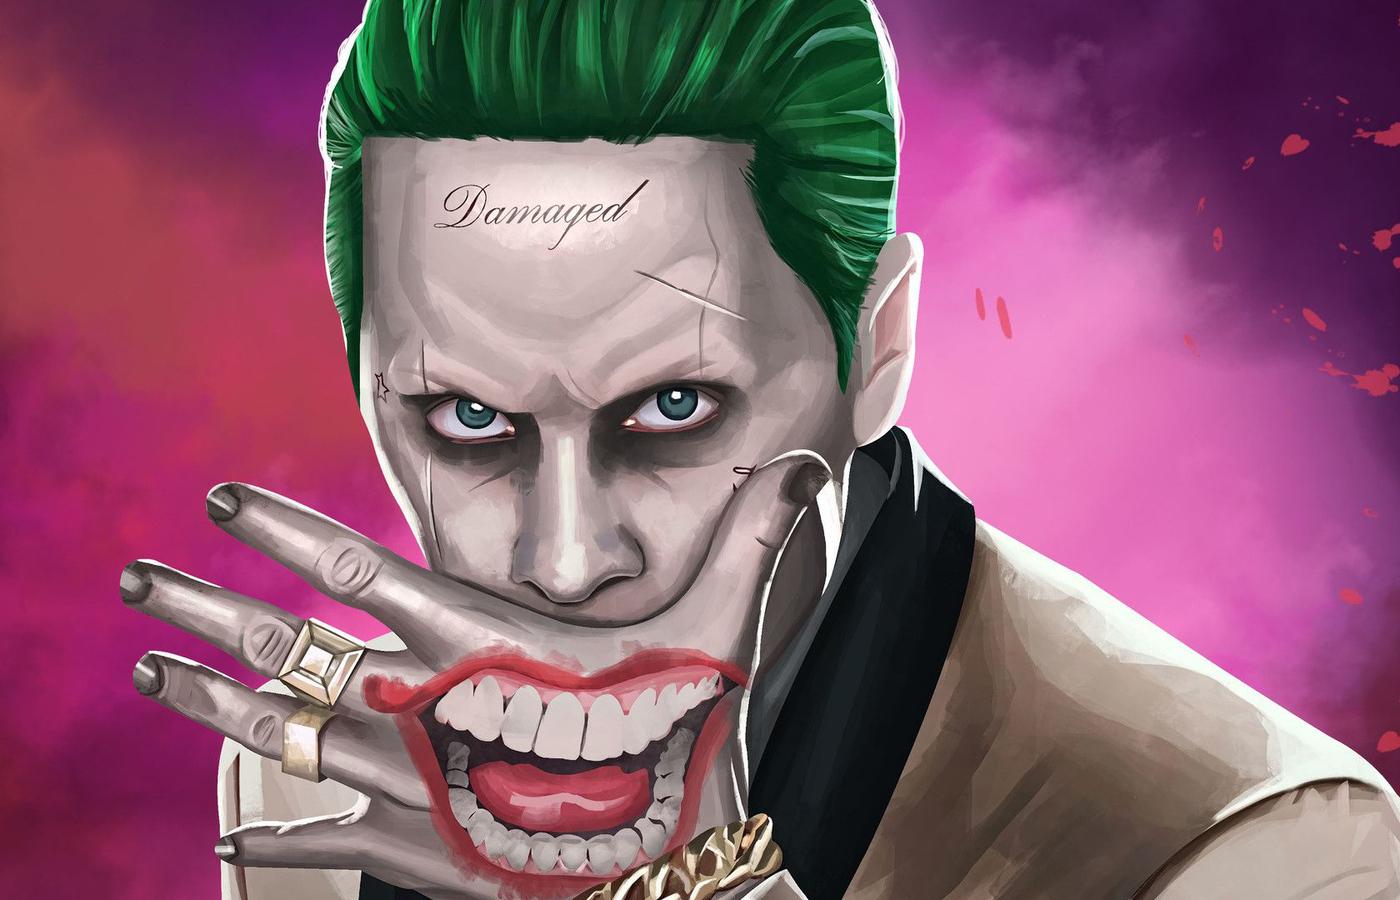 Канониченли Джокер в«Отряде самоубийц»? Режиссер вэтом уверен